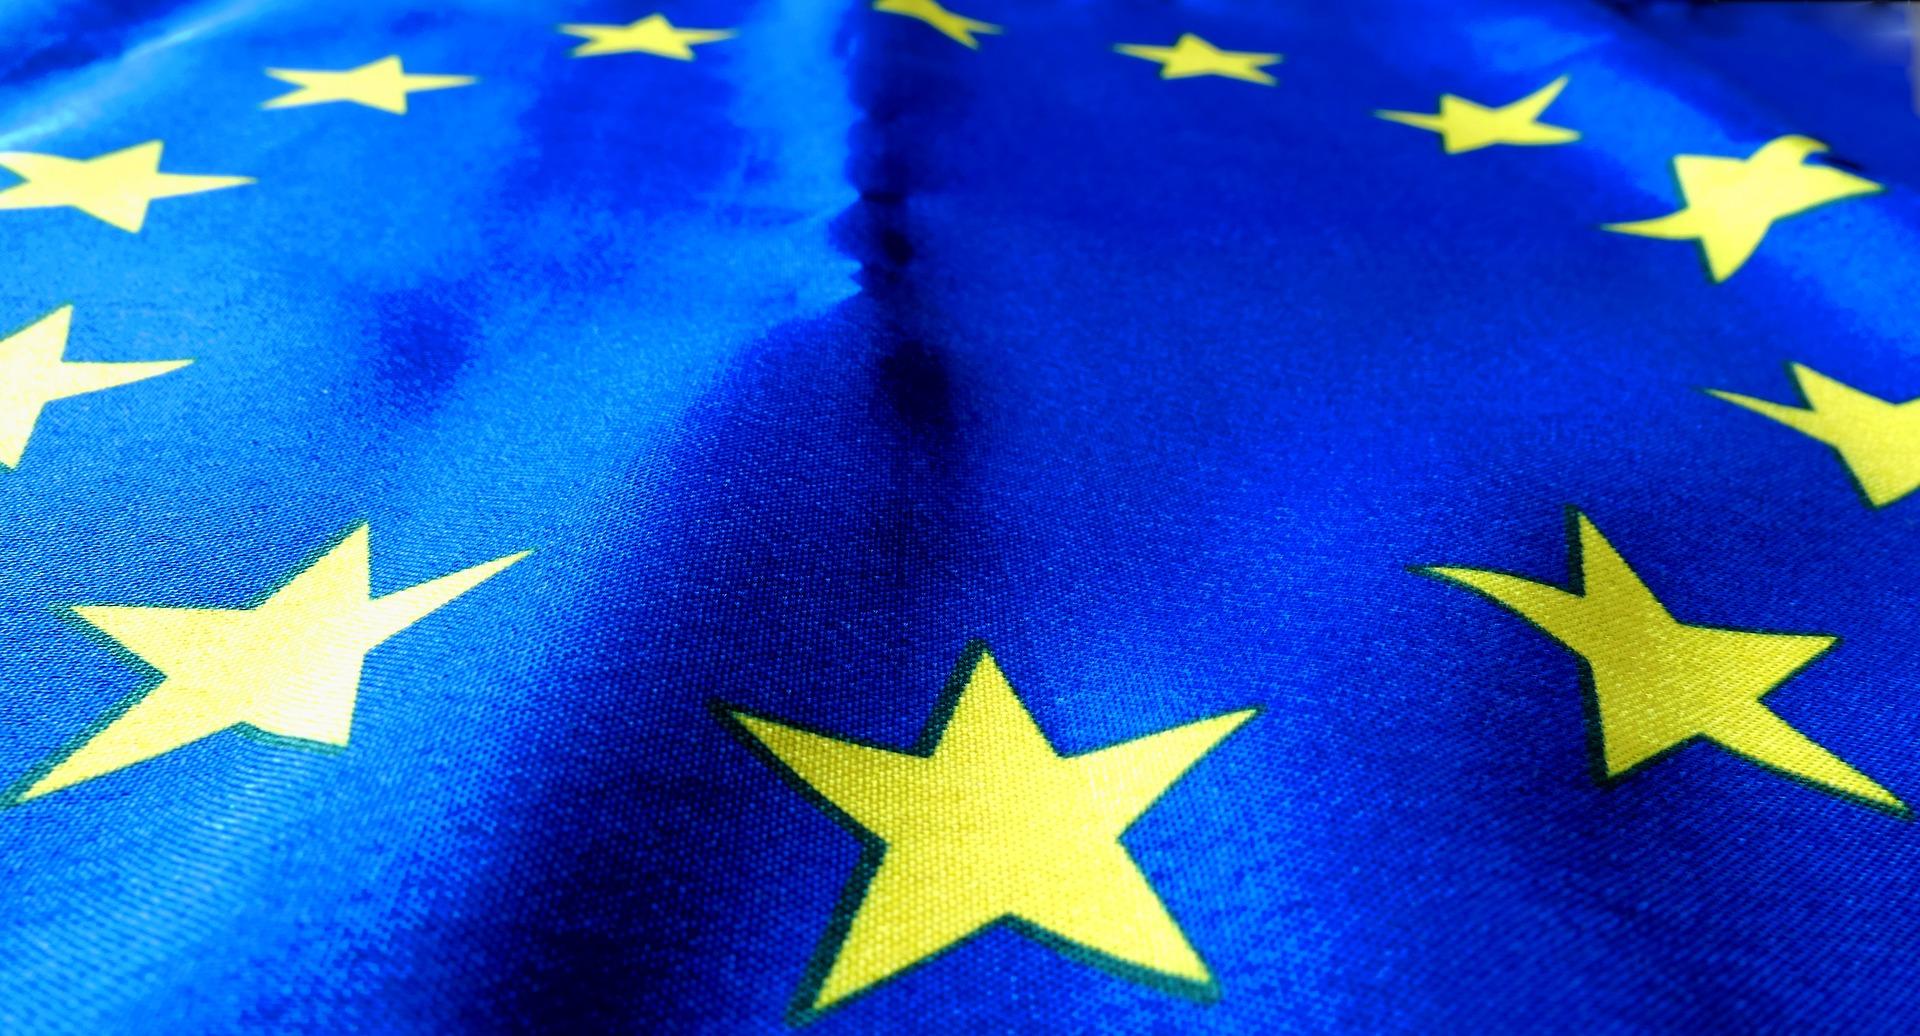 Riformare l'Europa per far ripartire gli investimenti e salvare l'Europa